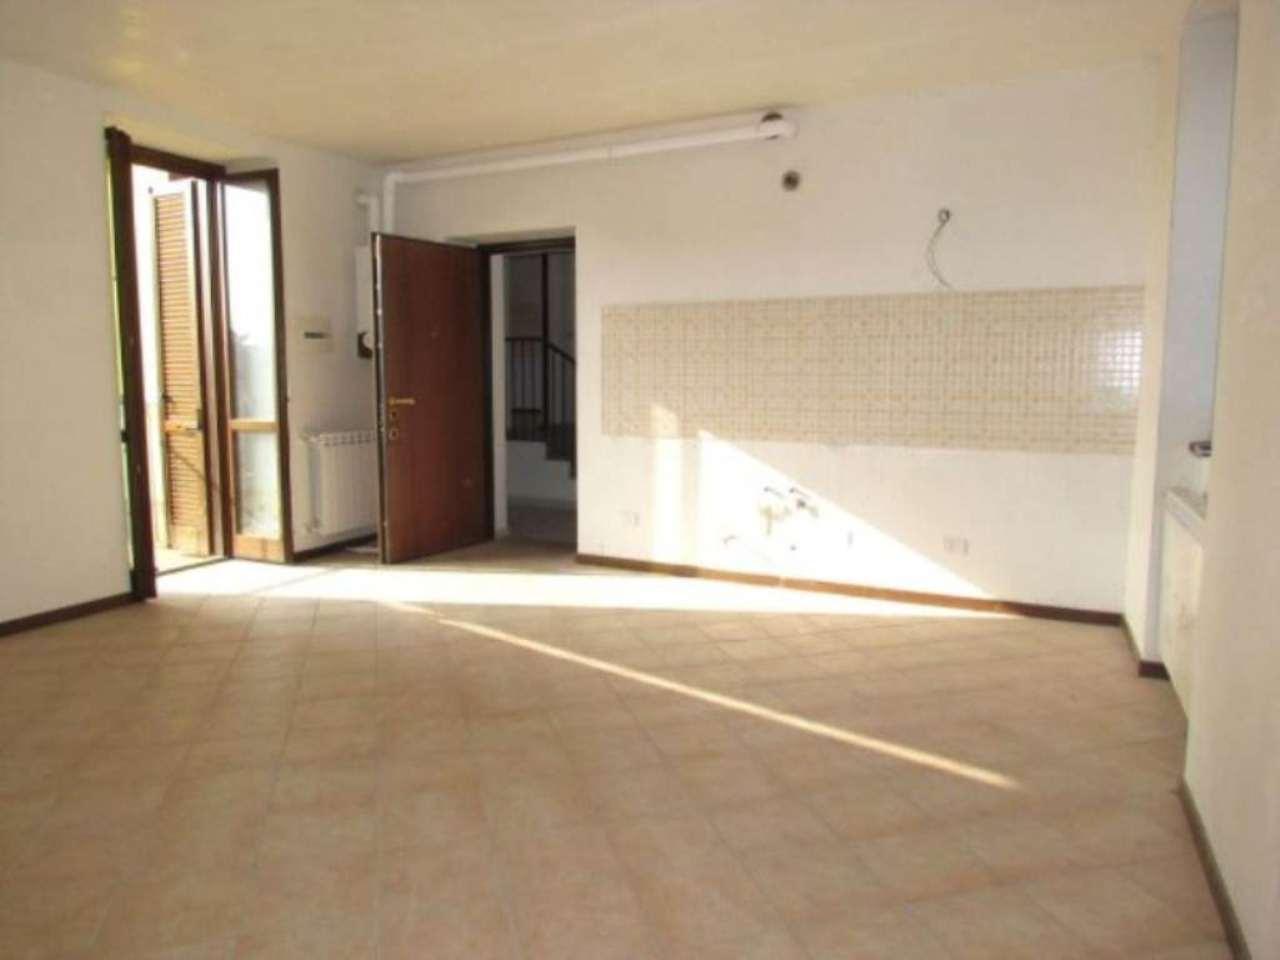 Appartamento in vendita a Lonate Ceppino, 3 locali, prezzo € 155.000 | Cambio Casa.it